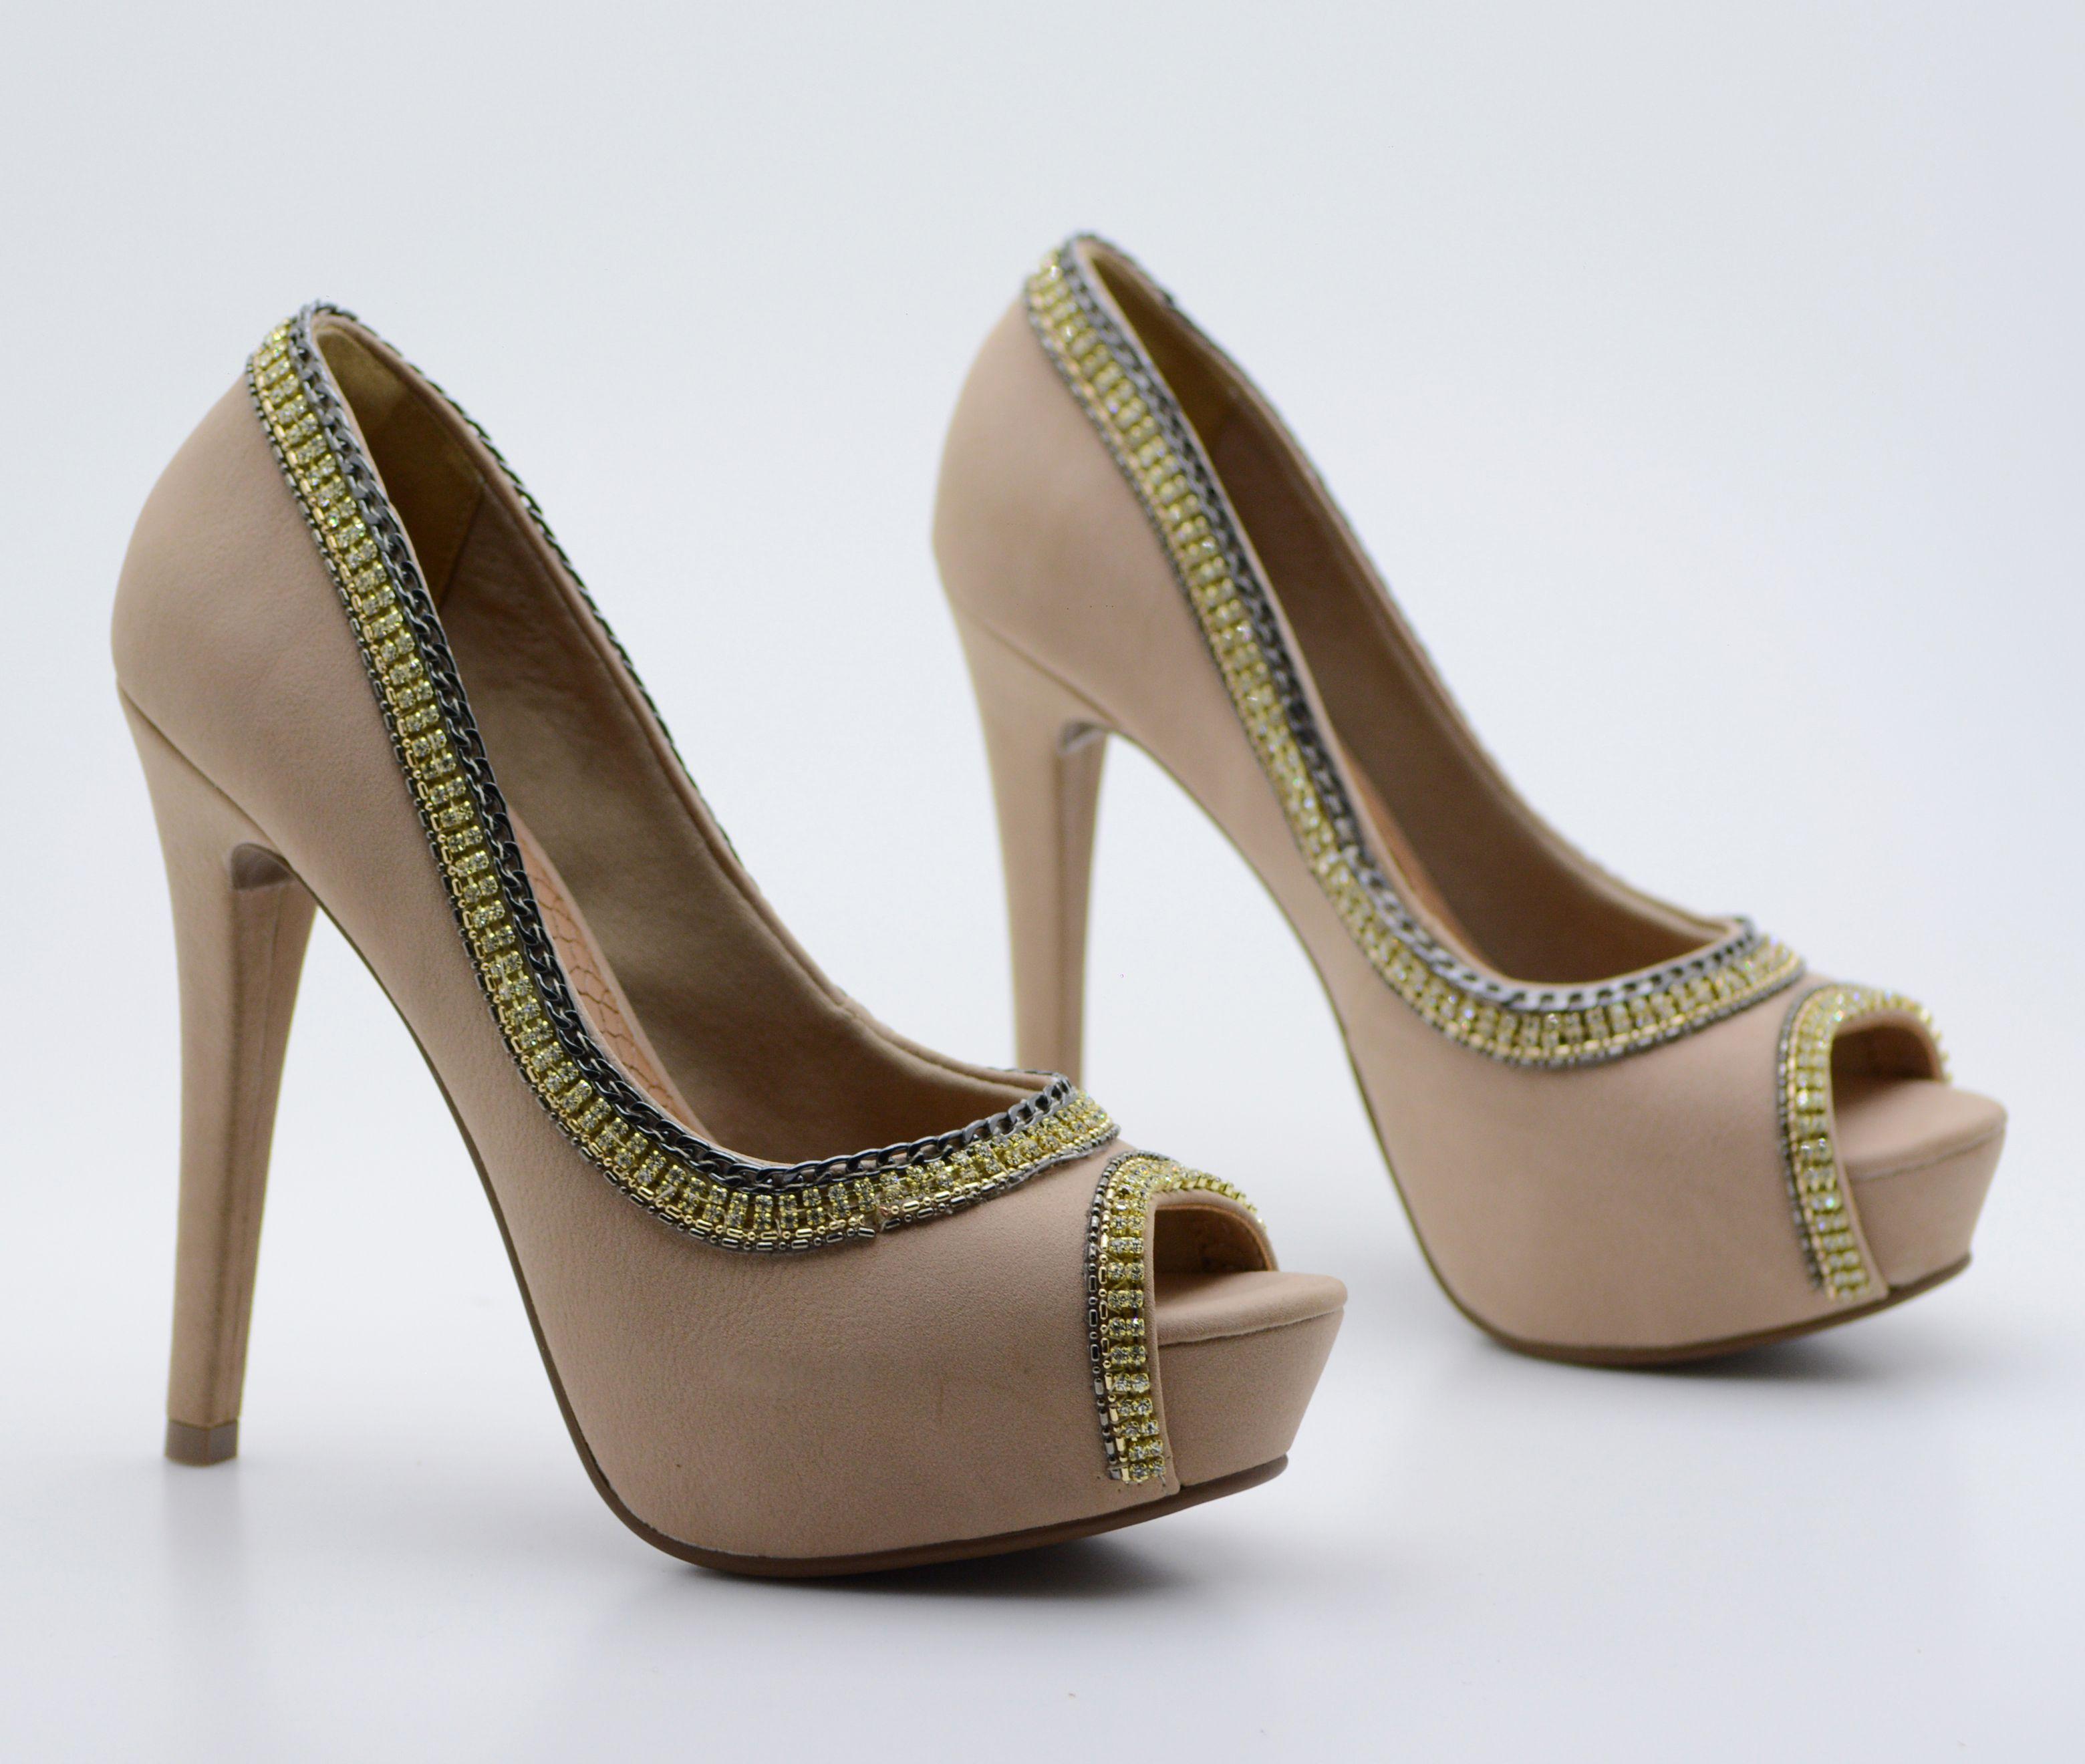 f7d82e8334 peep toe preto - salto alto - high heels - dourado - party shoes - nude -  Verão 2016 - Ref. 15-14604